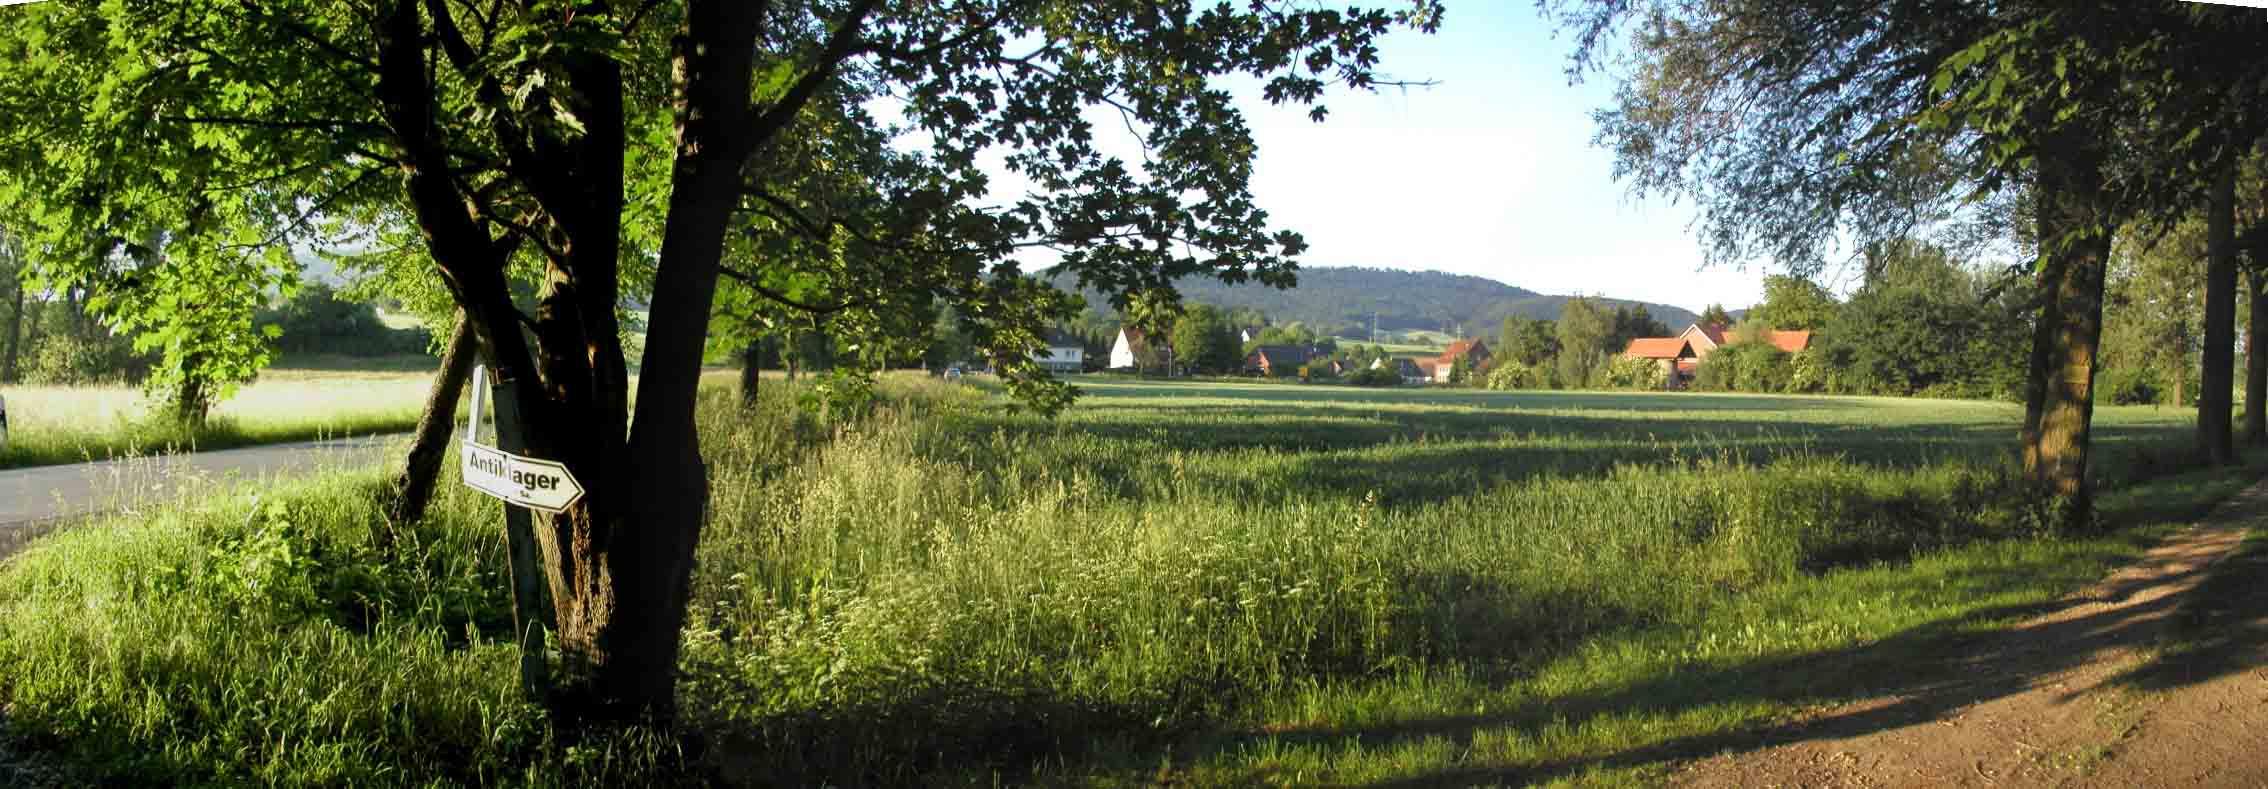 Blick auf die Westendorfer Landwehr